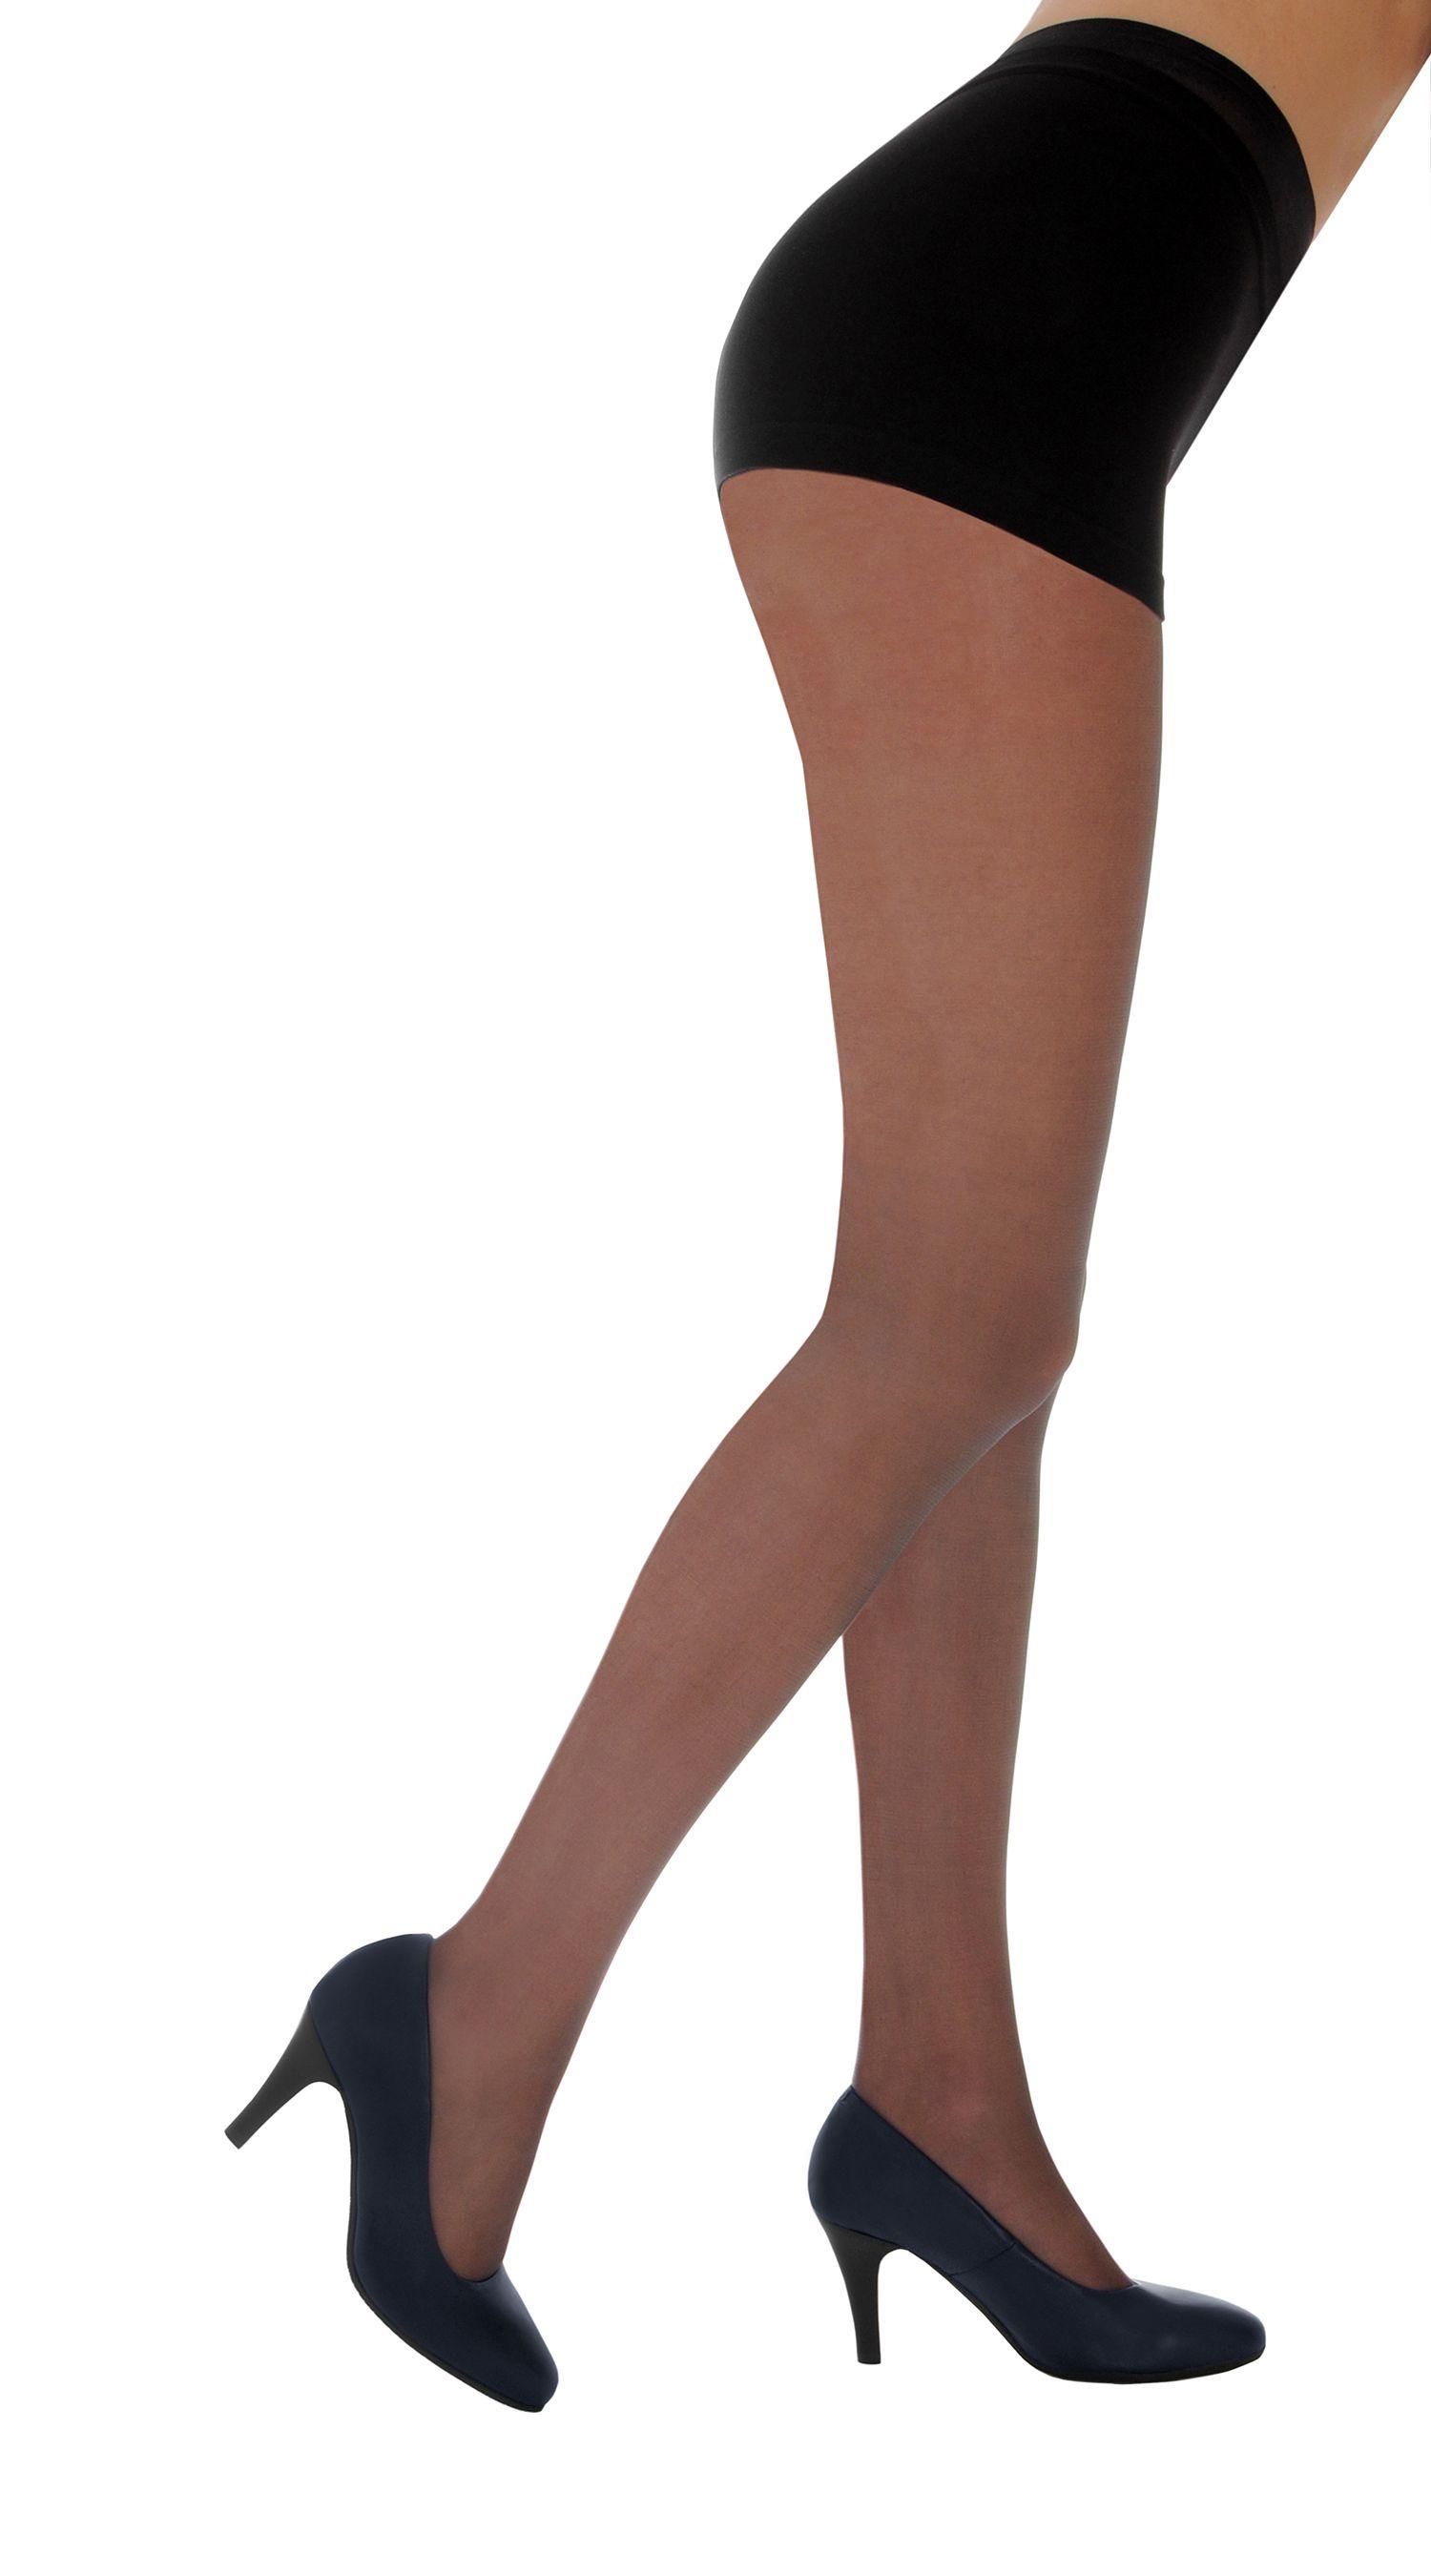 2030d5f5458 PRETTY LEGS 10 DENIER NYLON TIGHTS COLOUR  NEARLY BLACK